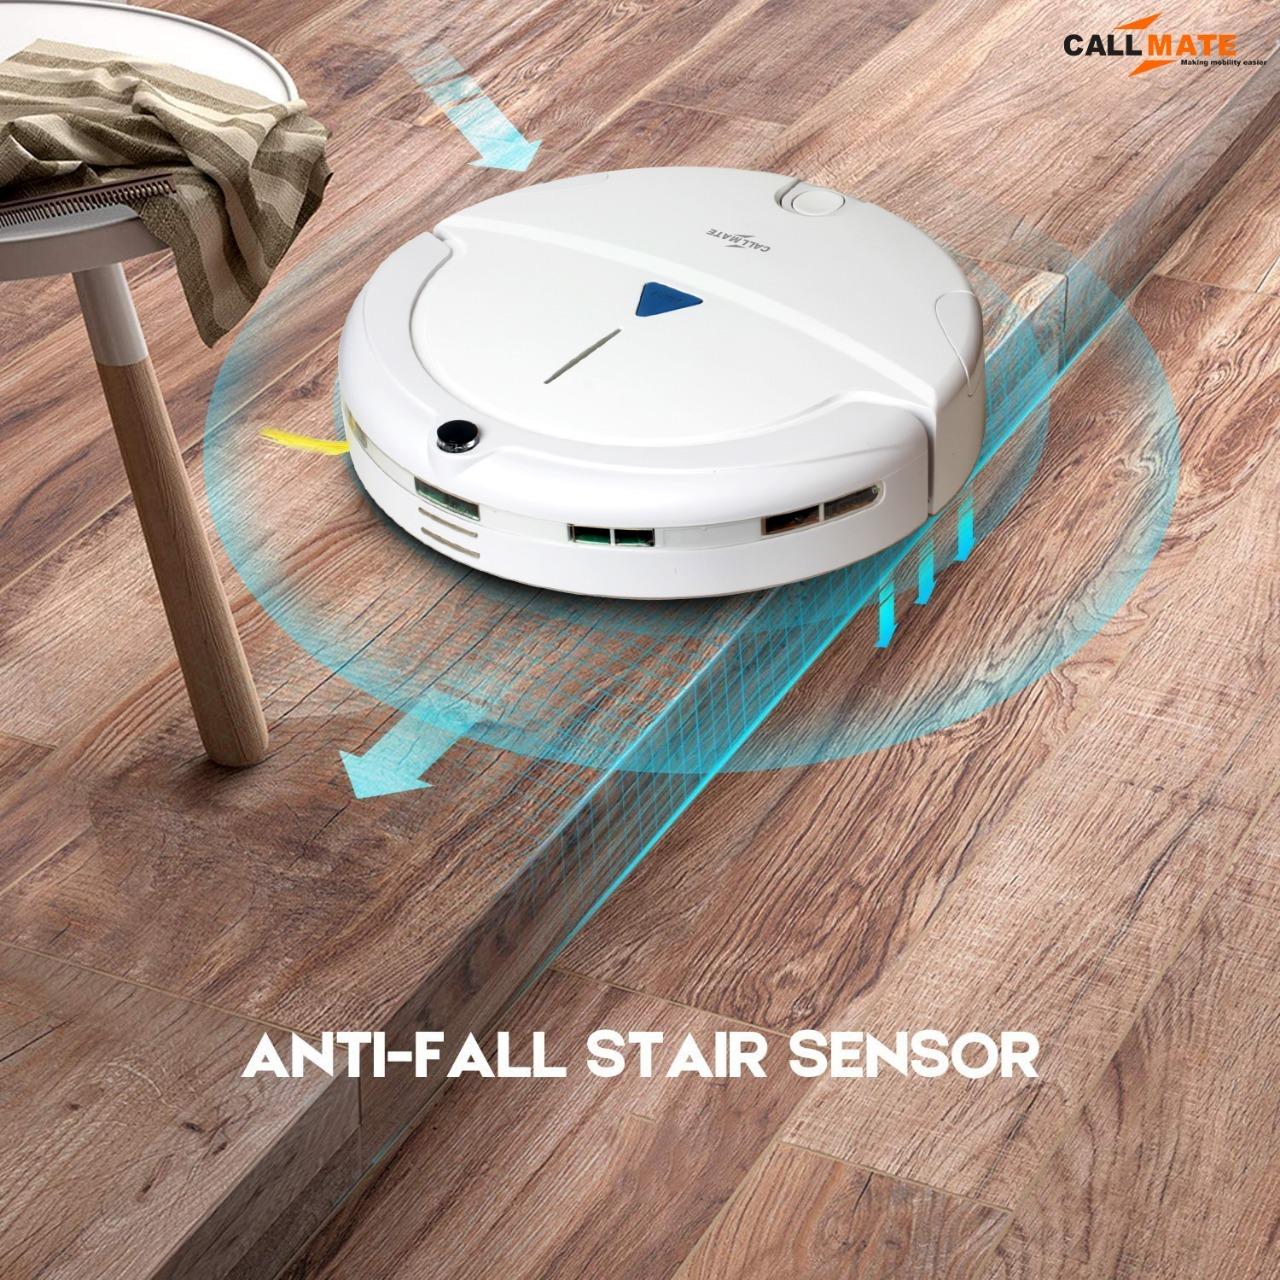 Auto Floor Cleaner